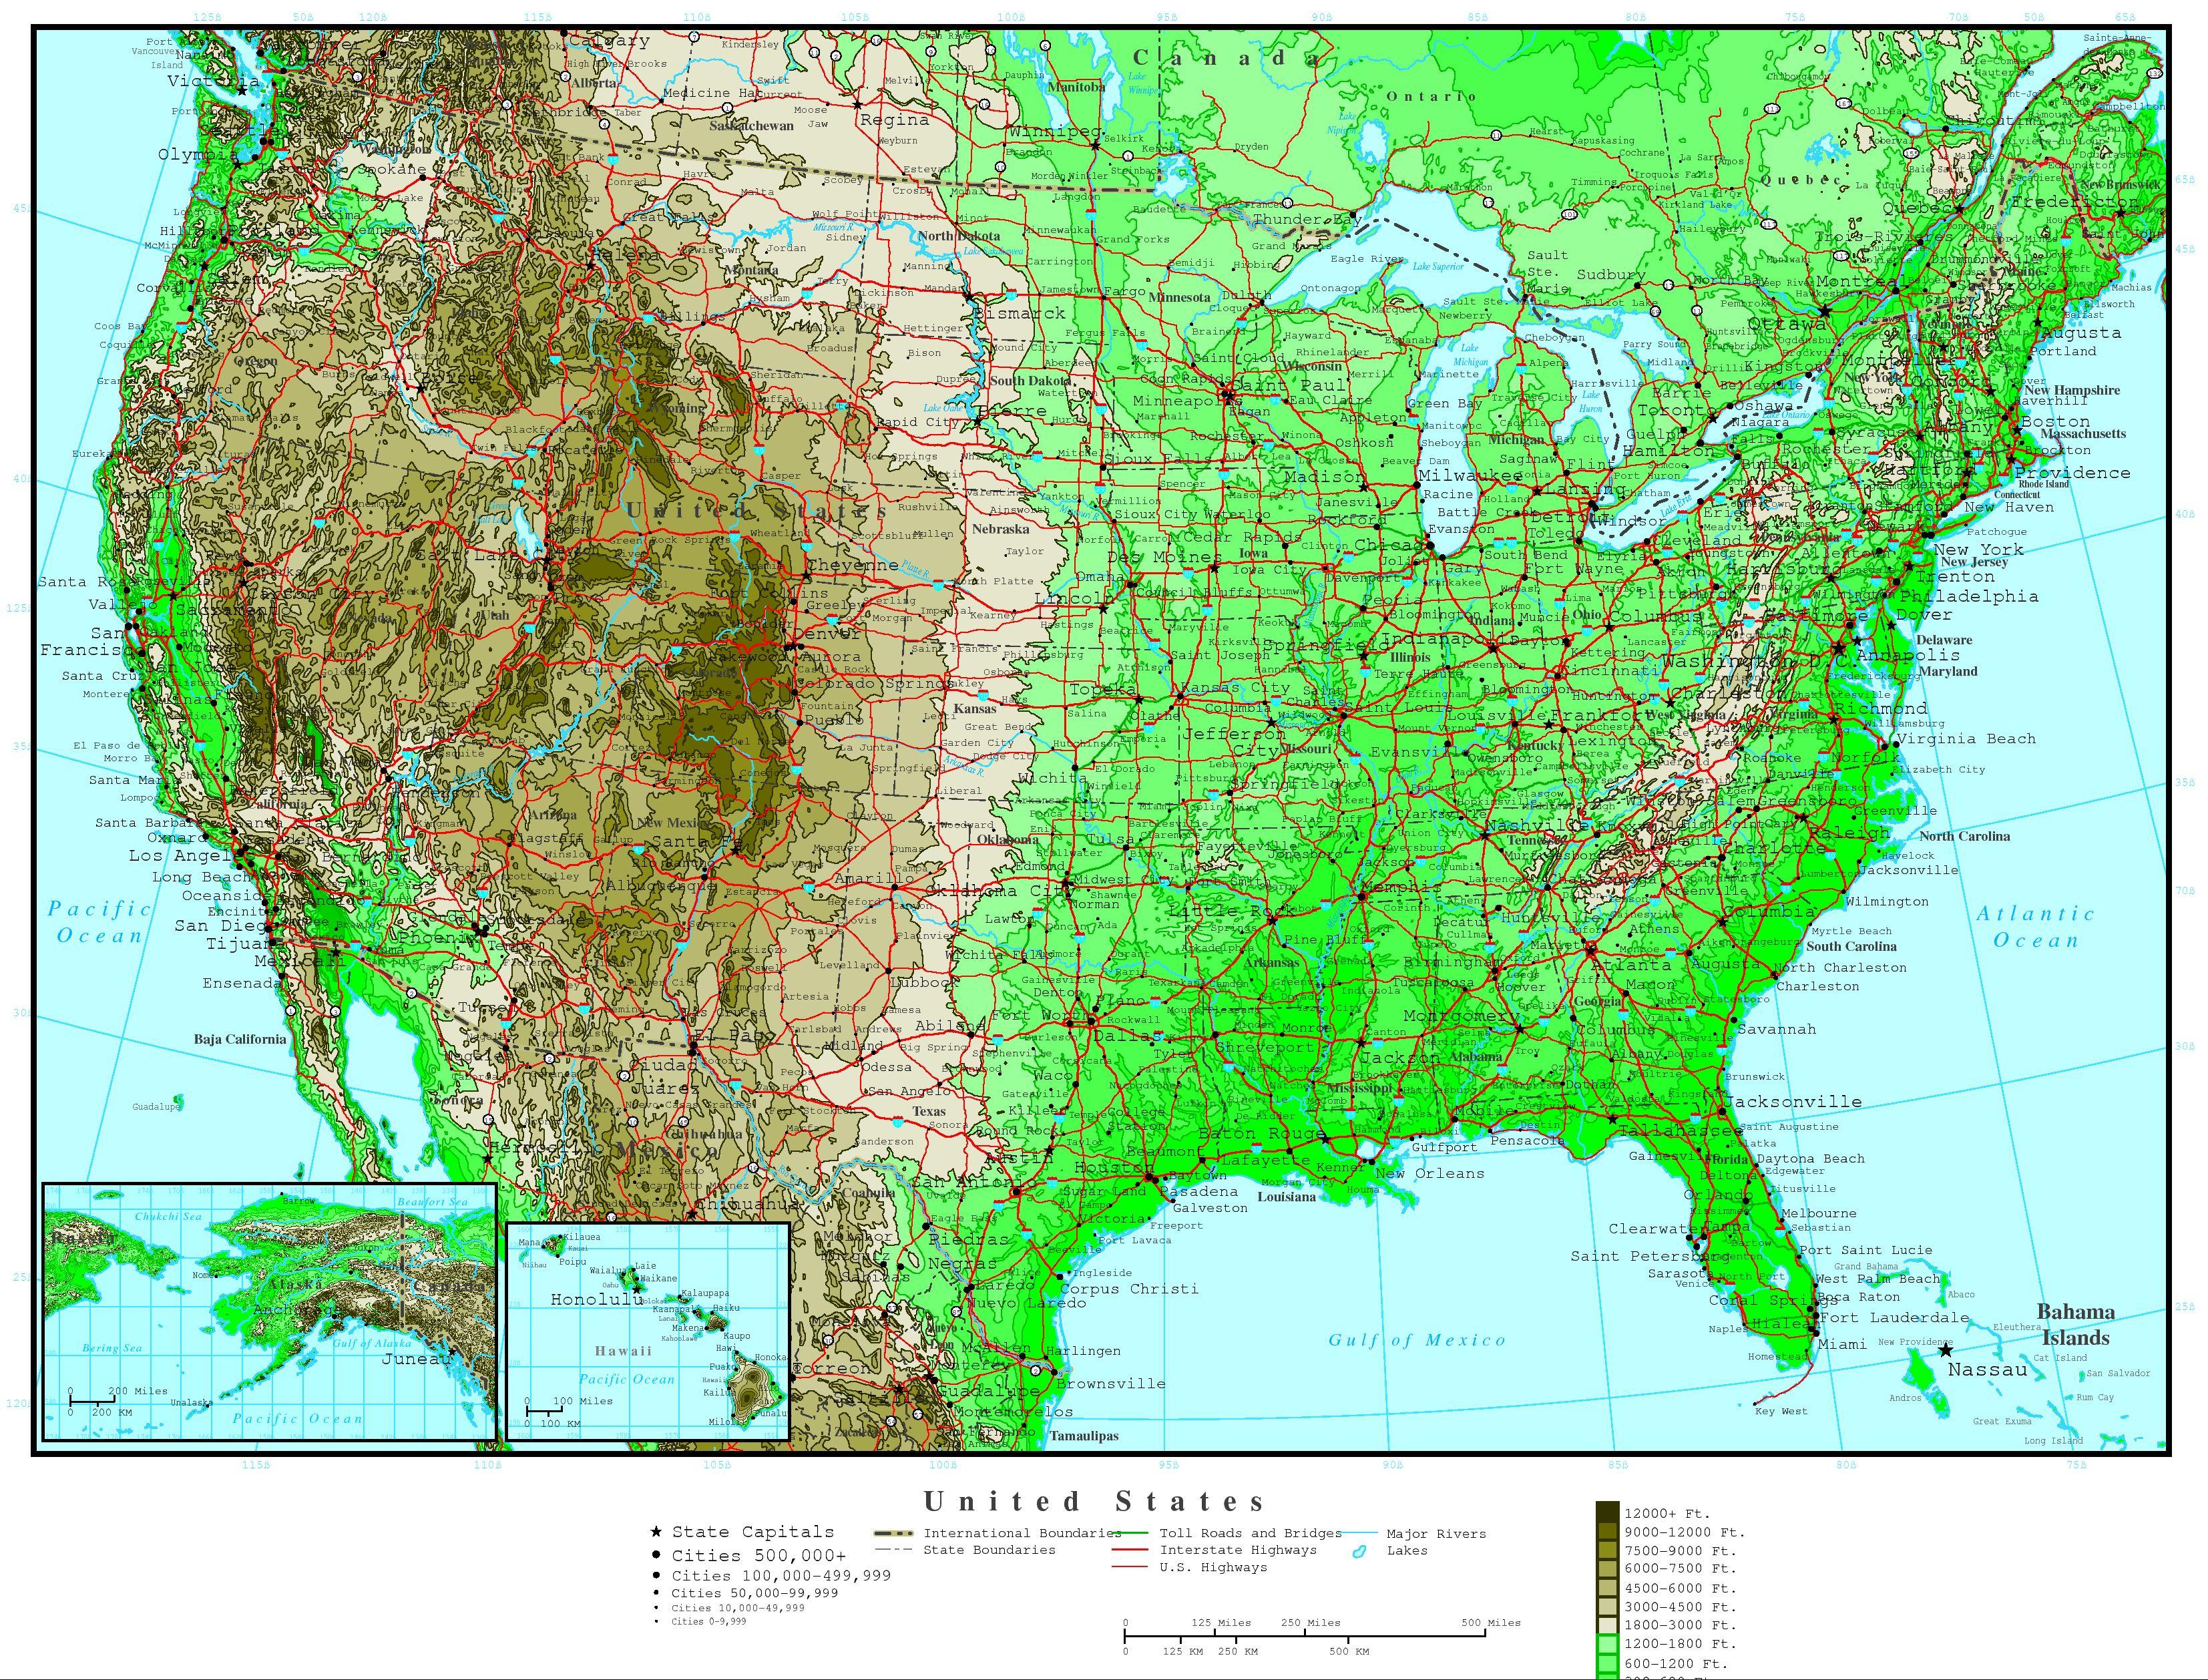 United States Elevation Map - Florida Elevation Map Free